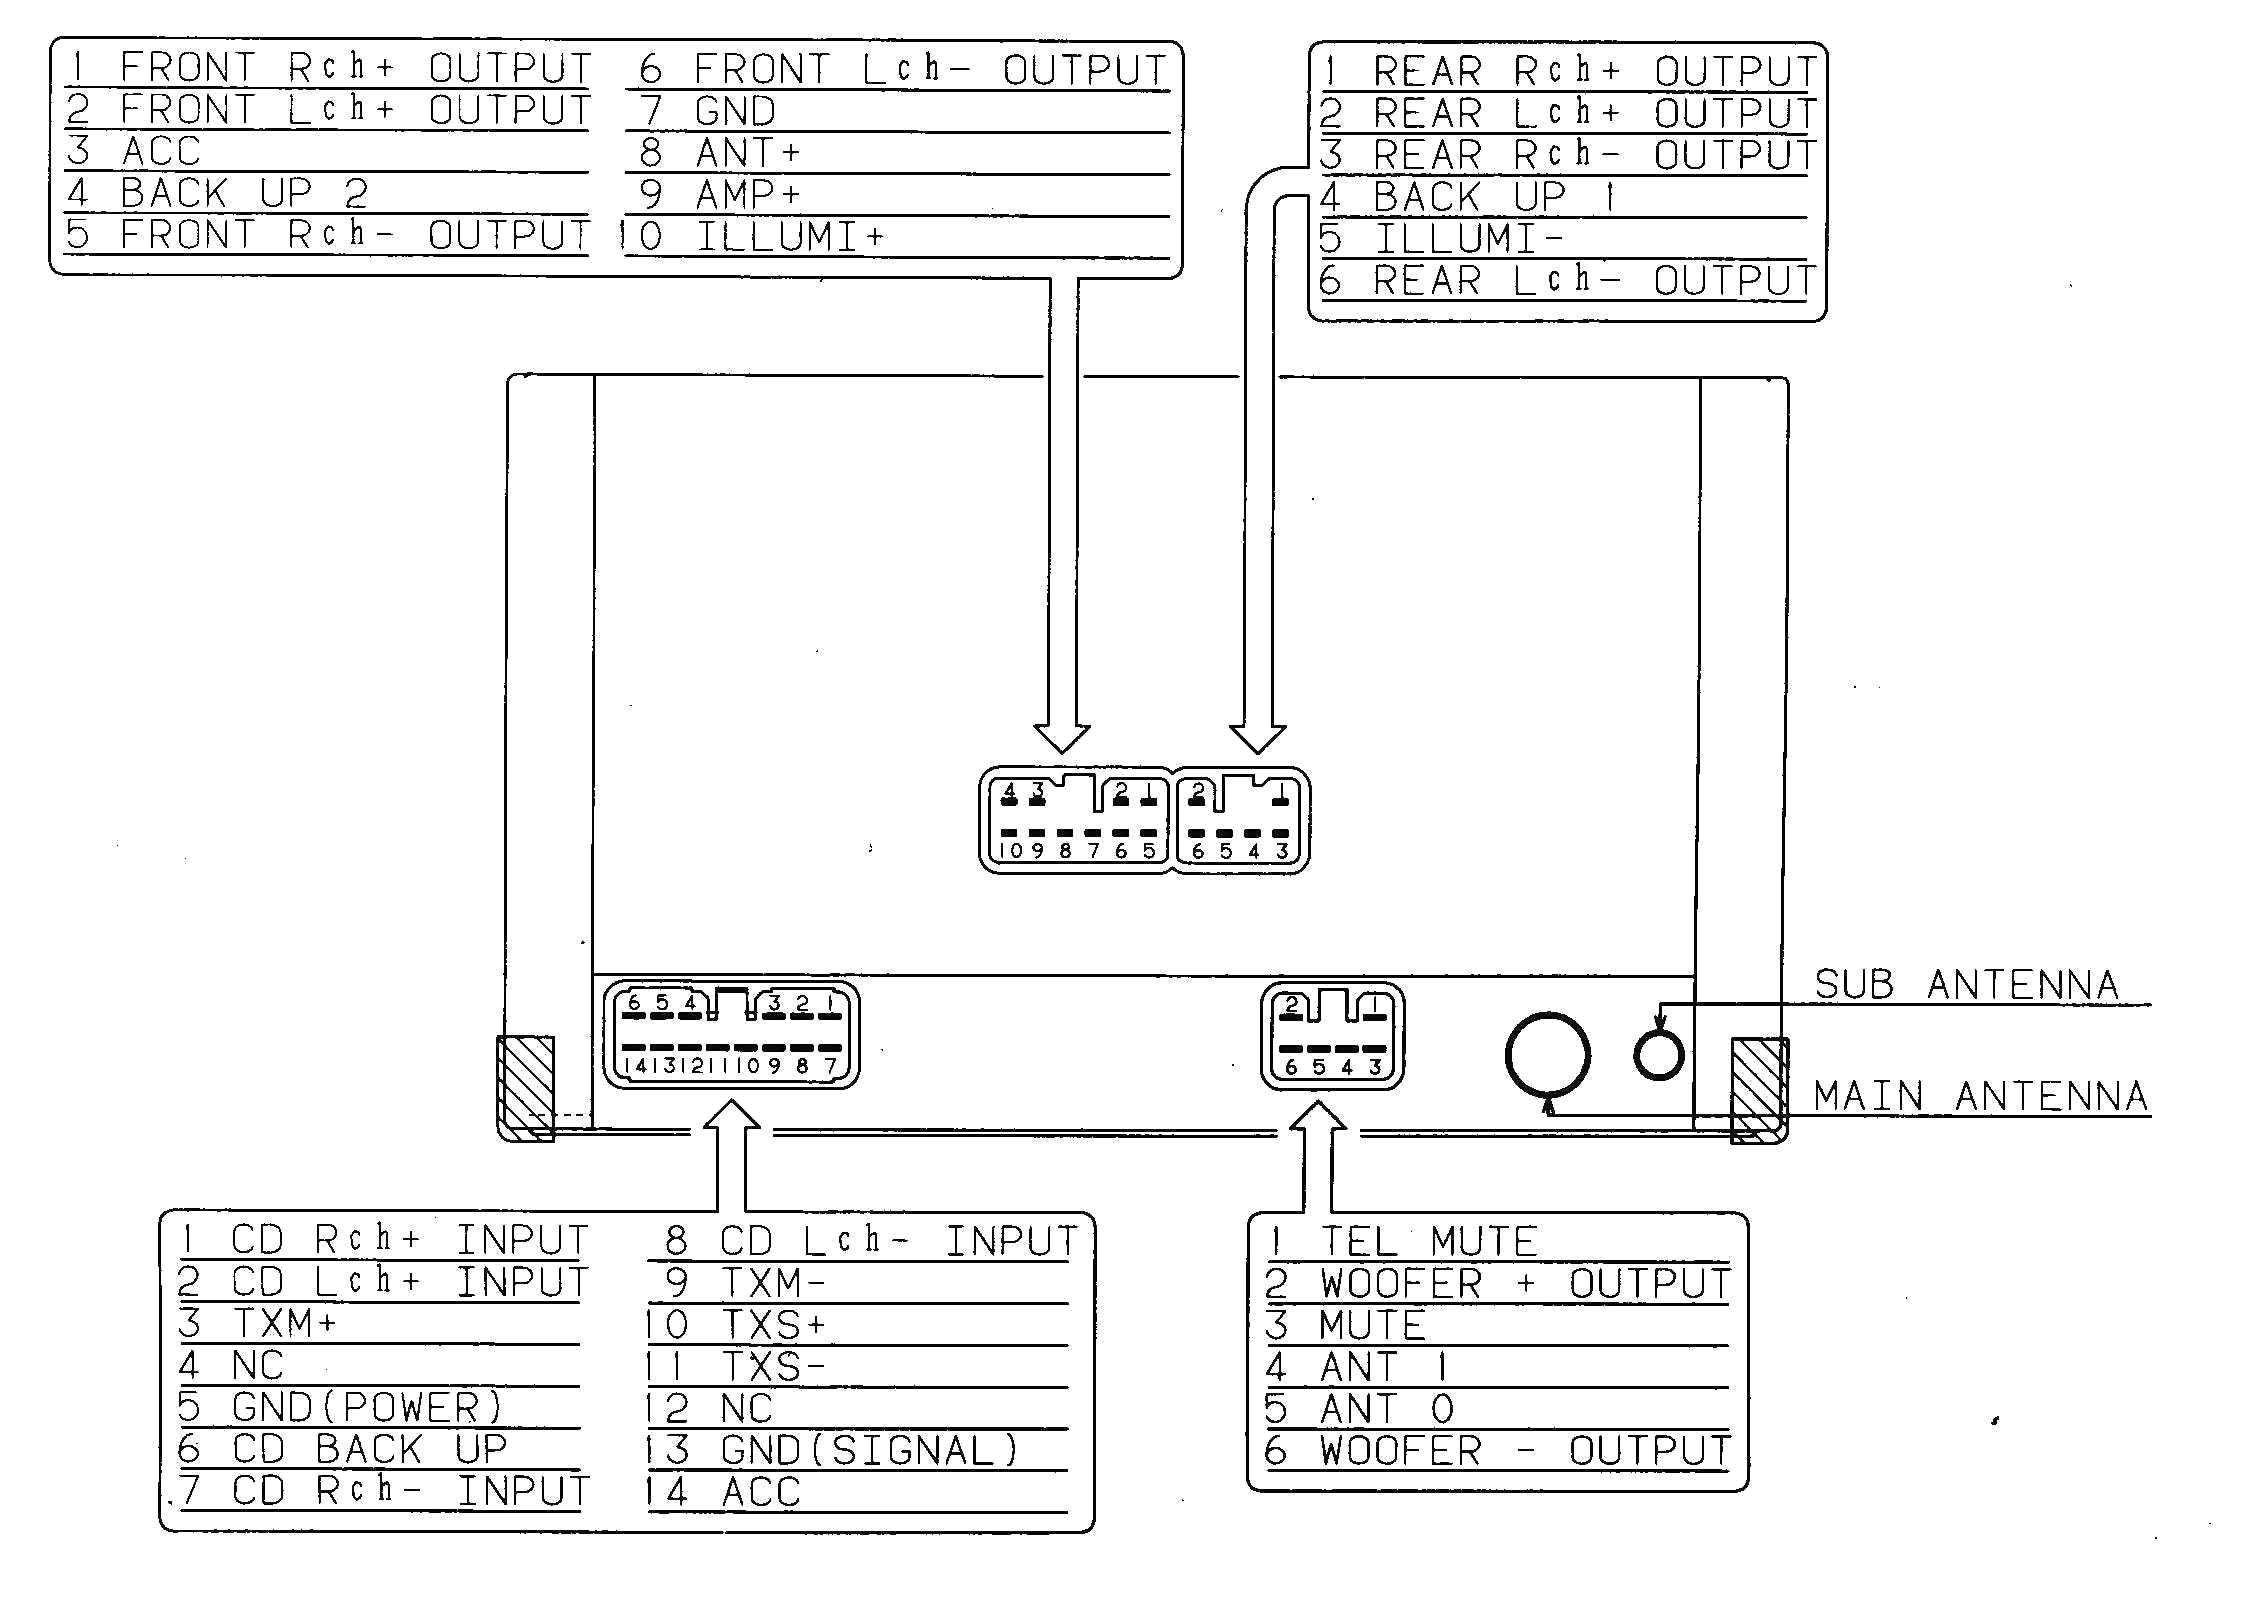 unique wiring diagram avic n1 car dvd player diagram diagramtemplate diagramsample